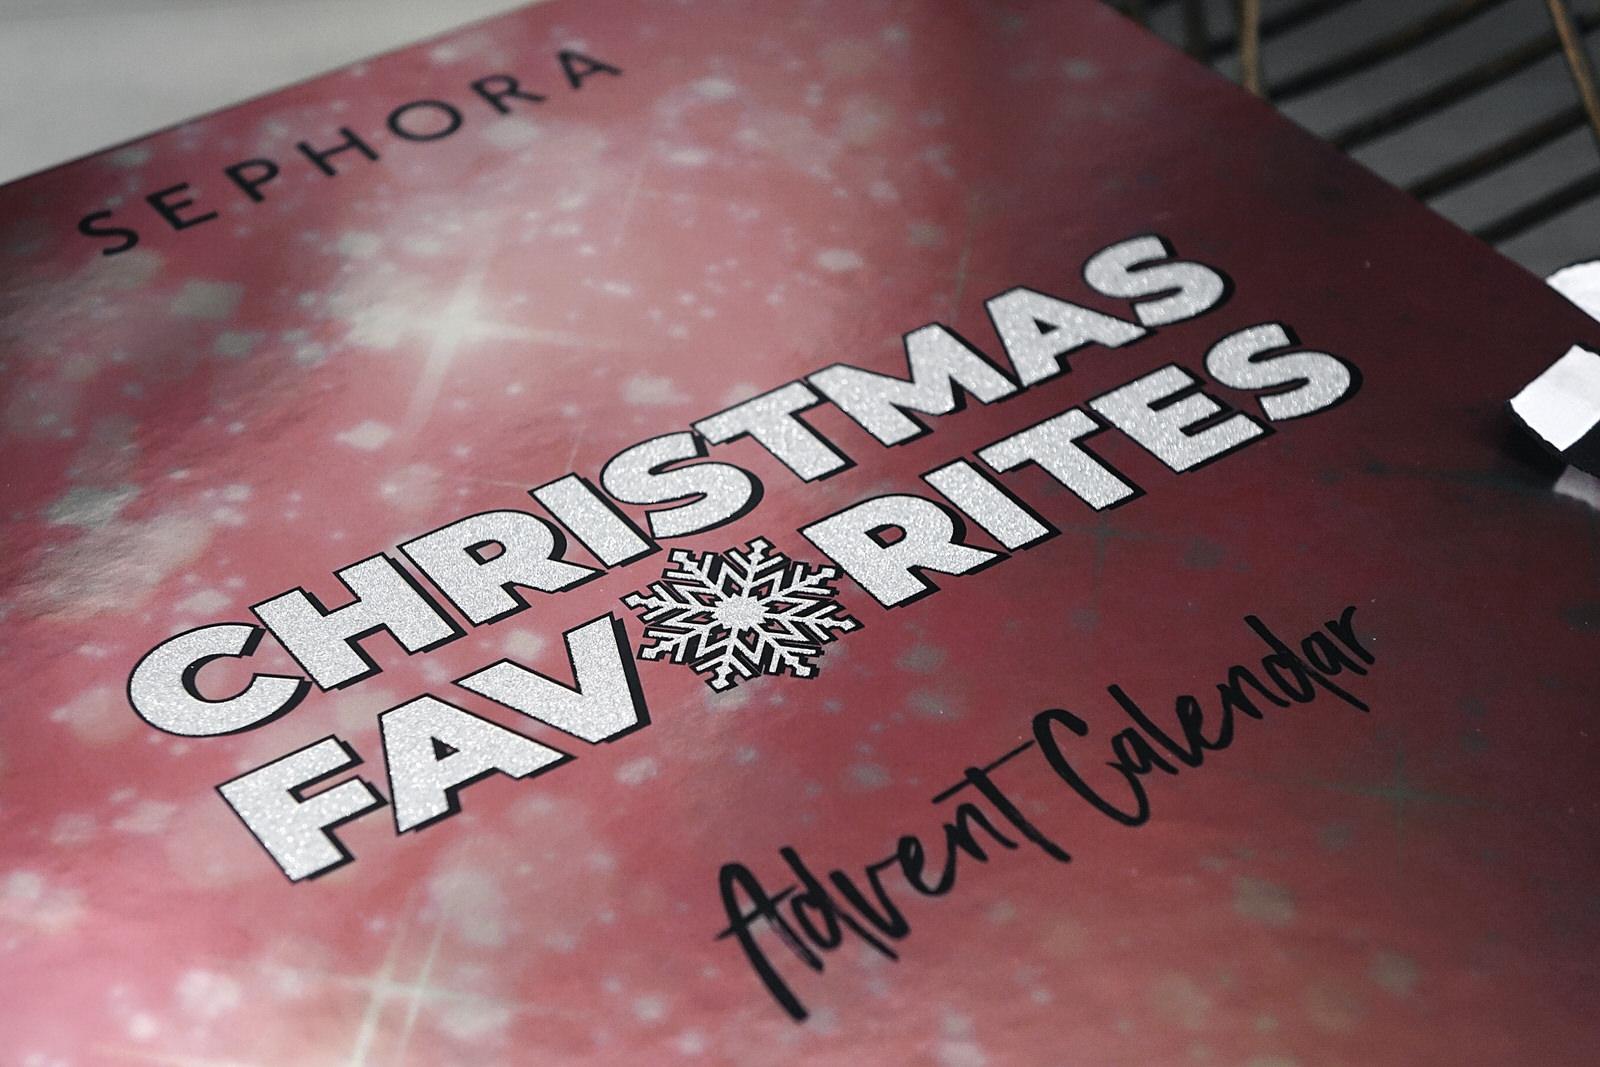 Spoil - le contenu du calendrier de l'avent Sephora 2019 - Christmas Favorites